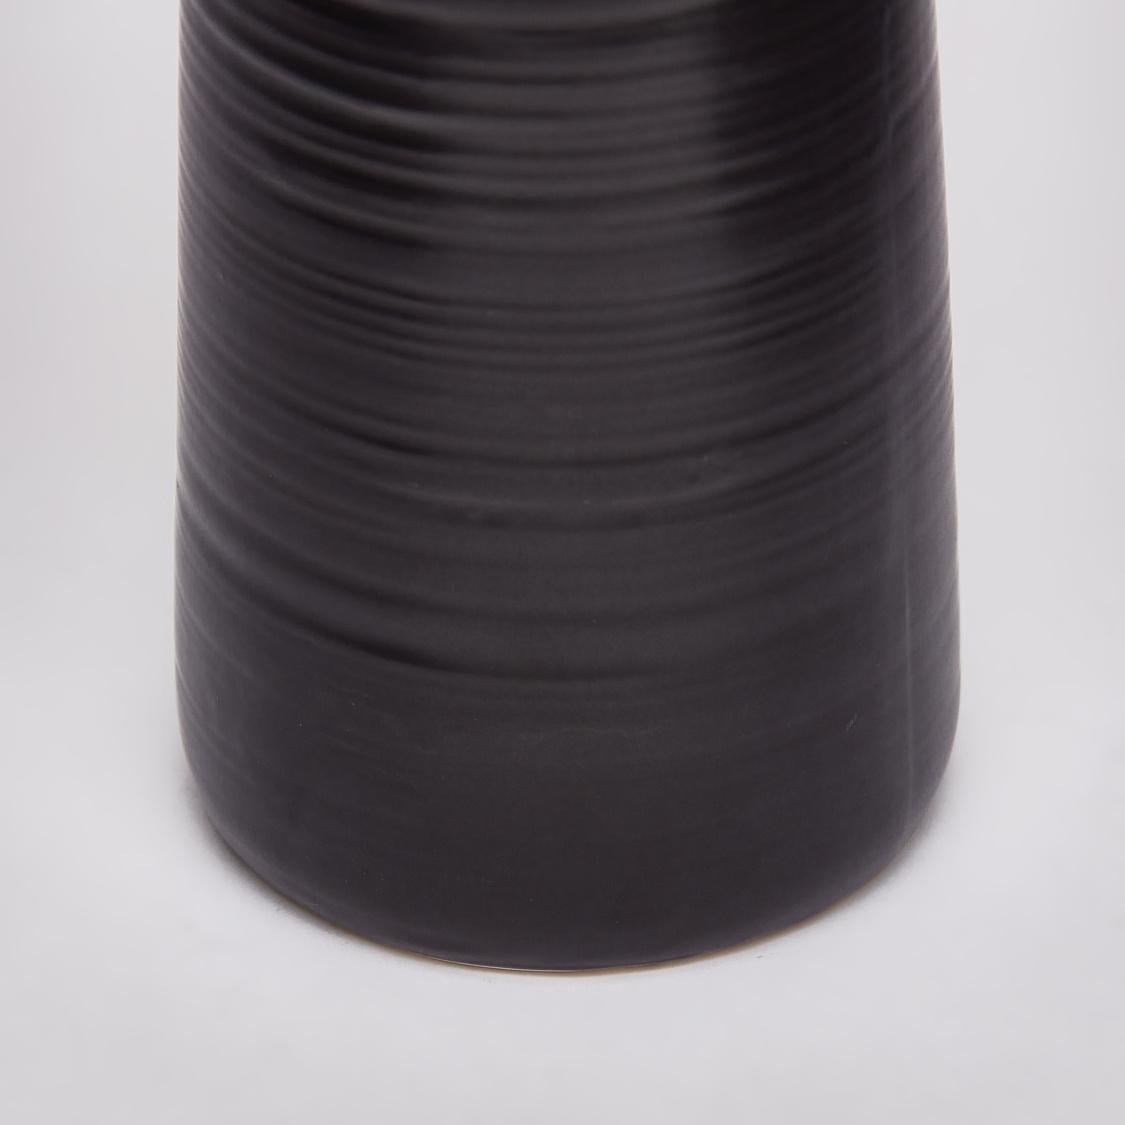 Decorative Ceramic Vase 20x8.5x7 cm